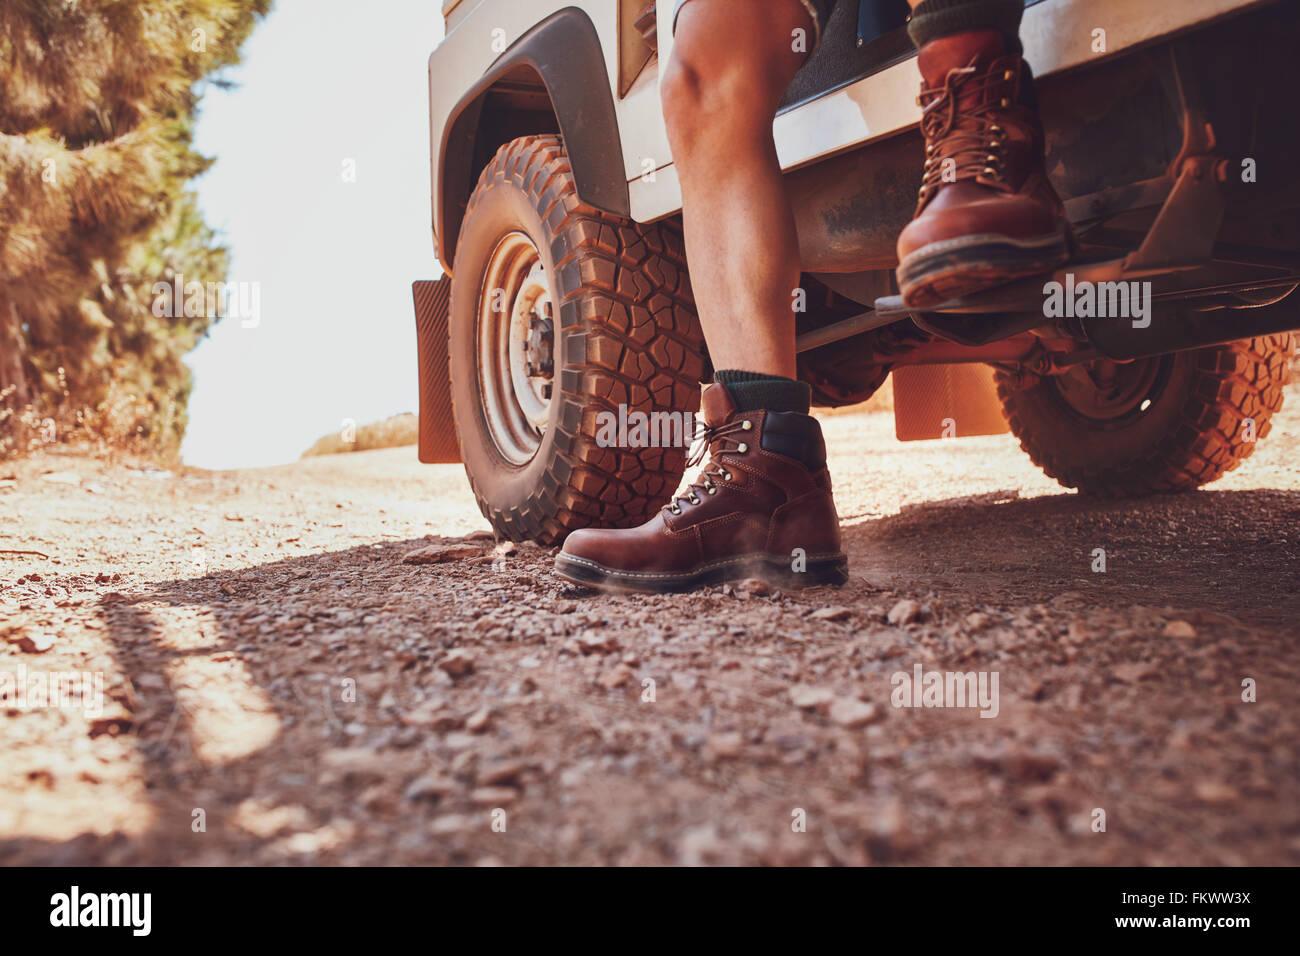 La jambe de botte en cuir de sortir d'un véhicule hors route. Voiture garée sur le chemin de terre Photo Stock